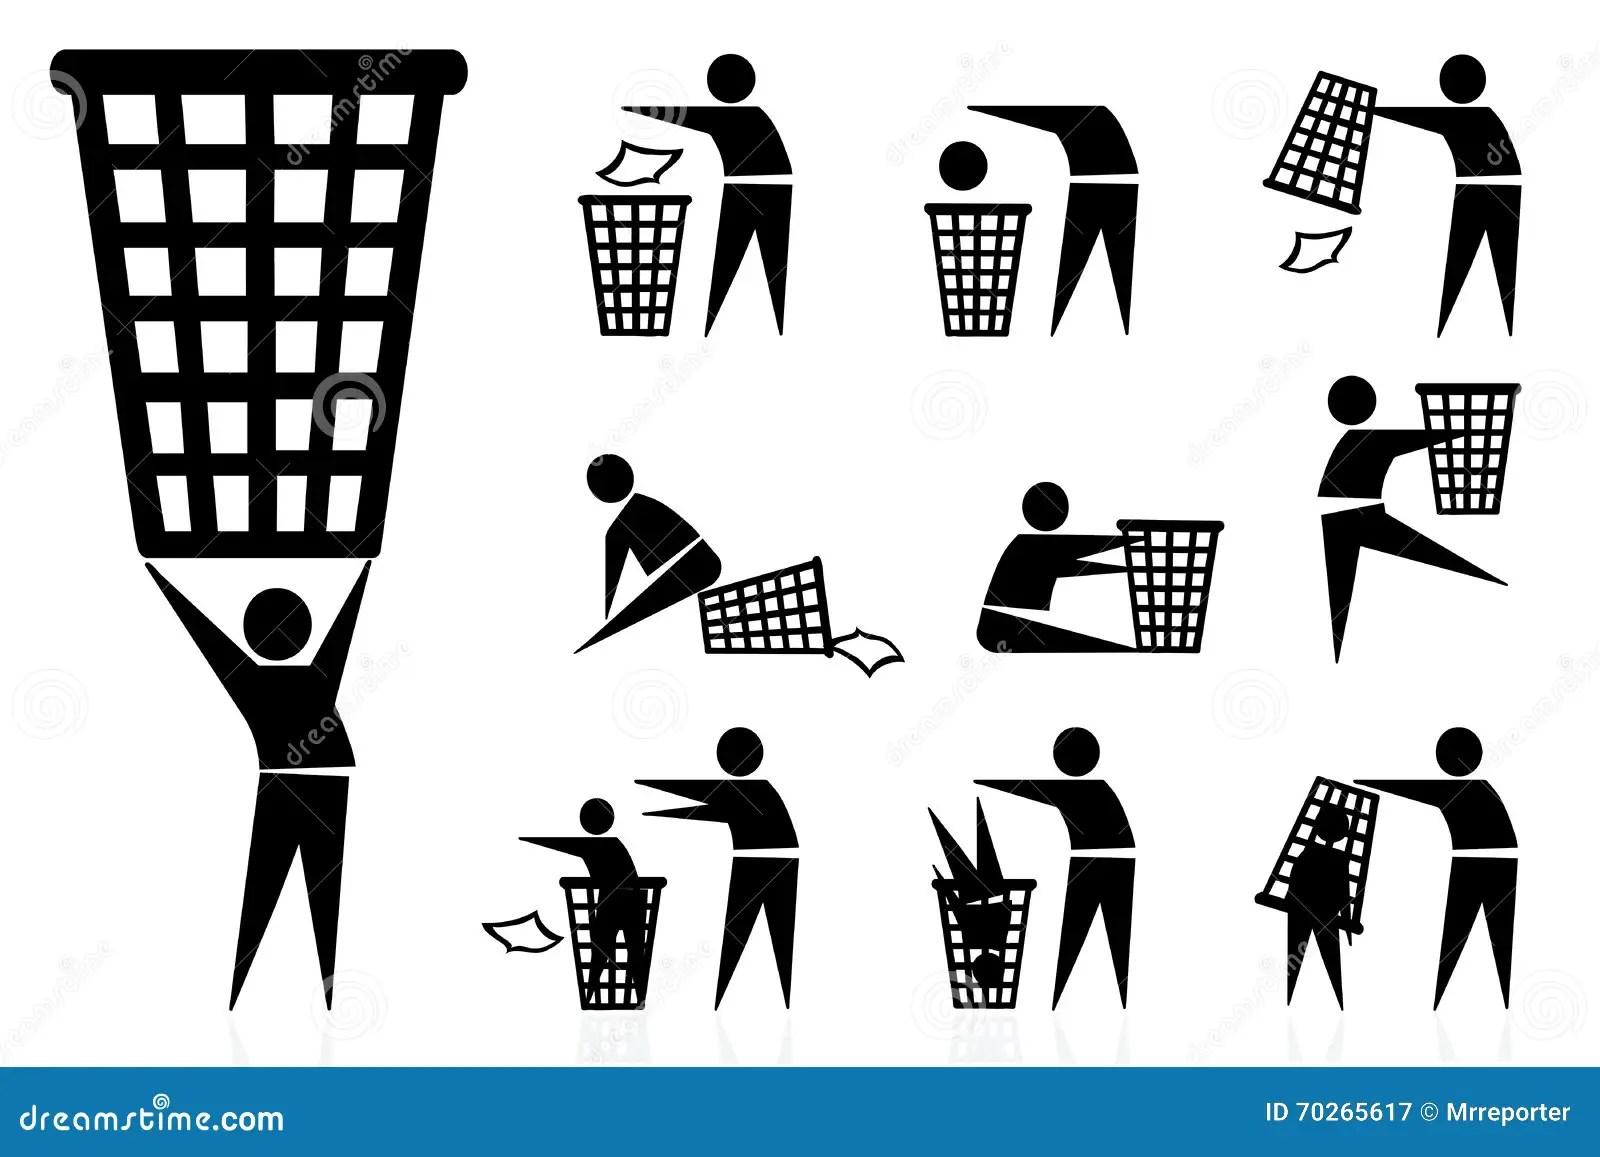 Avfall Fack Symboler Vektor Illustrationer Illustration Av Illustration